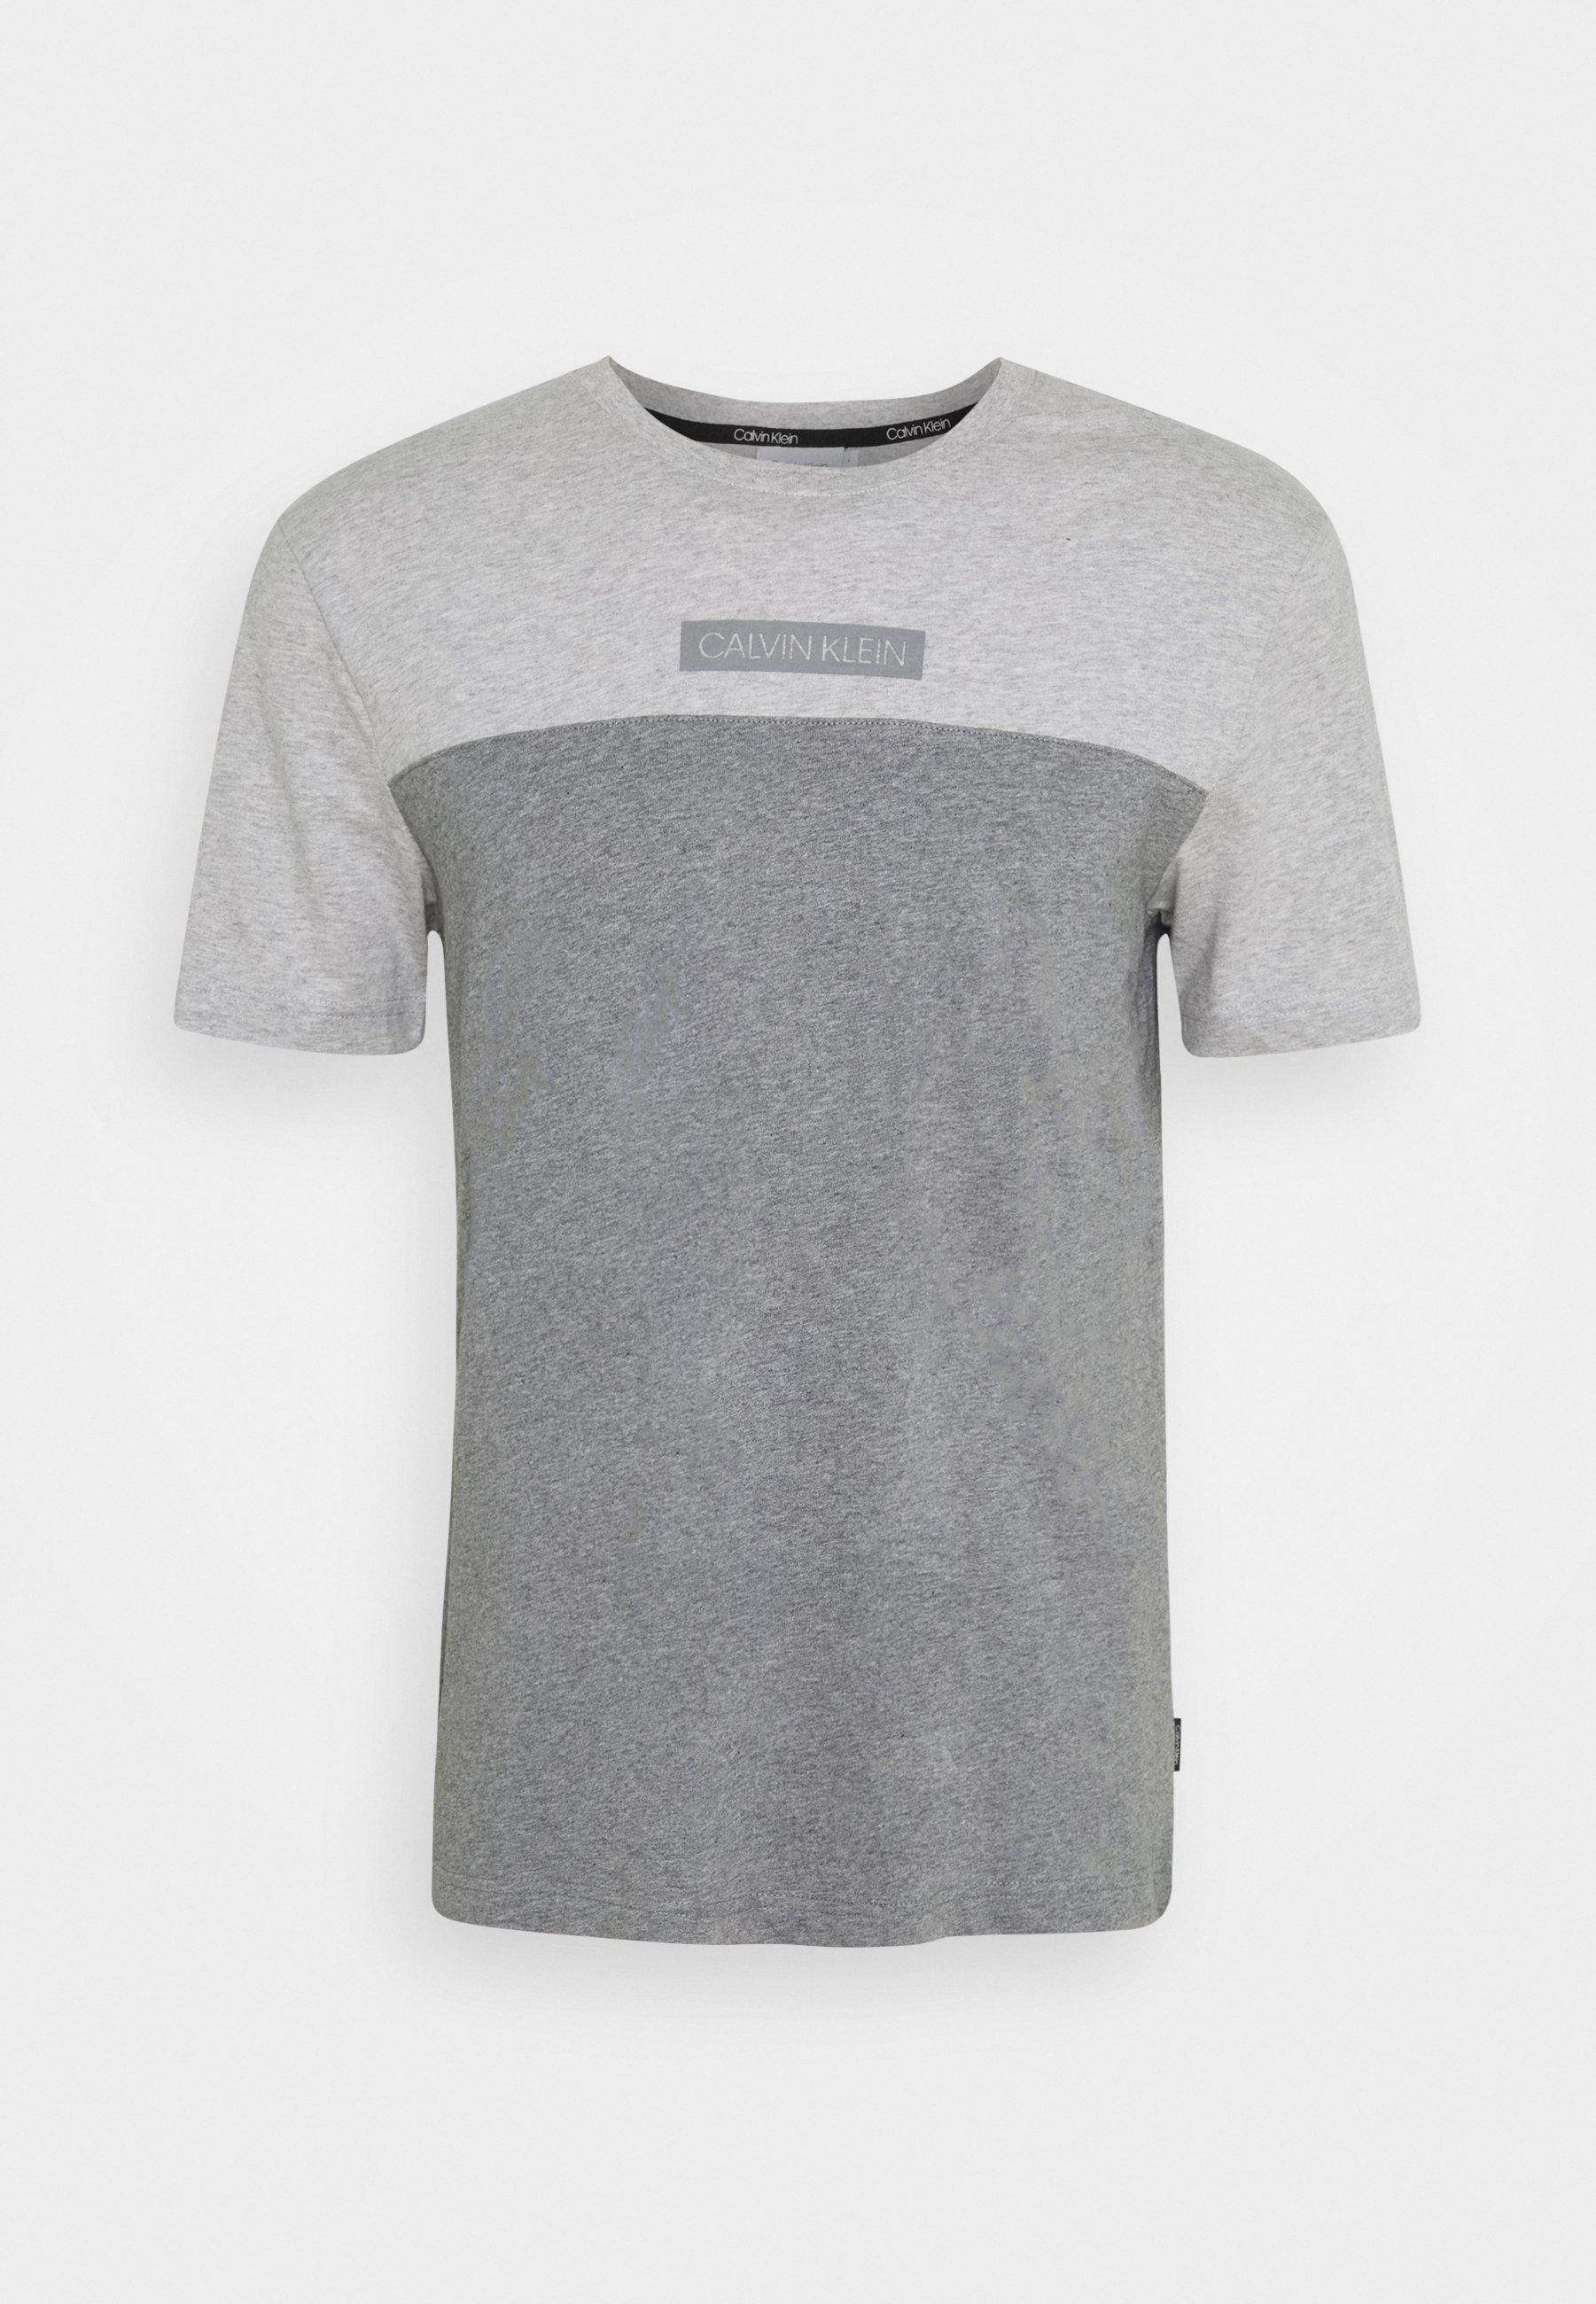 Calvin Klein COLOR BLOCK T shirt imprimé white ZALANDO.FR